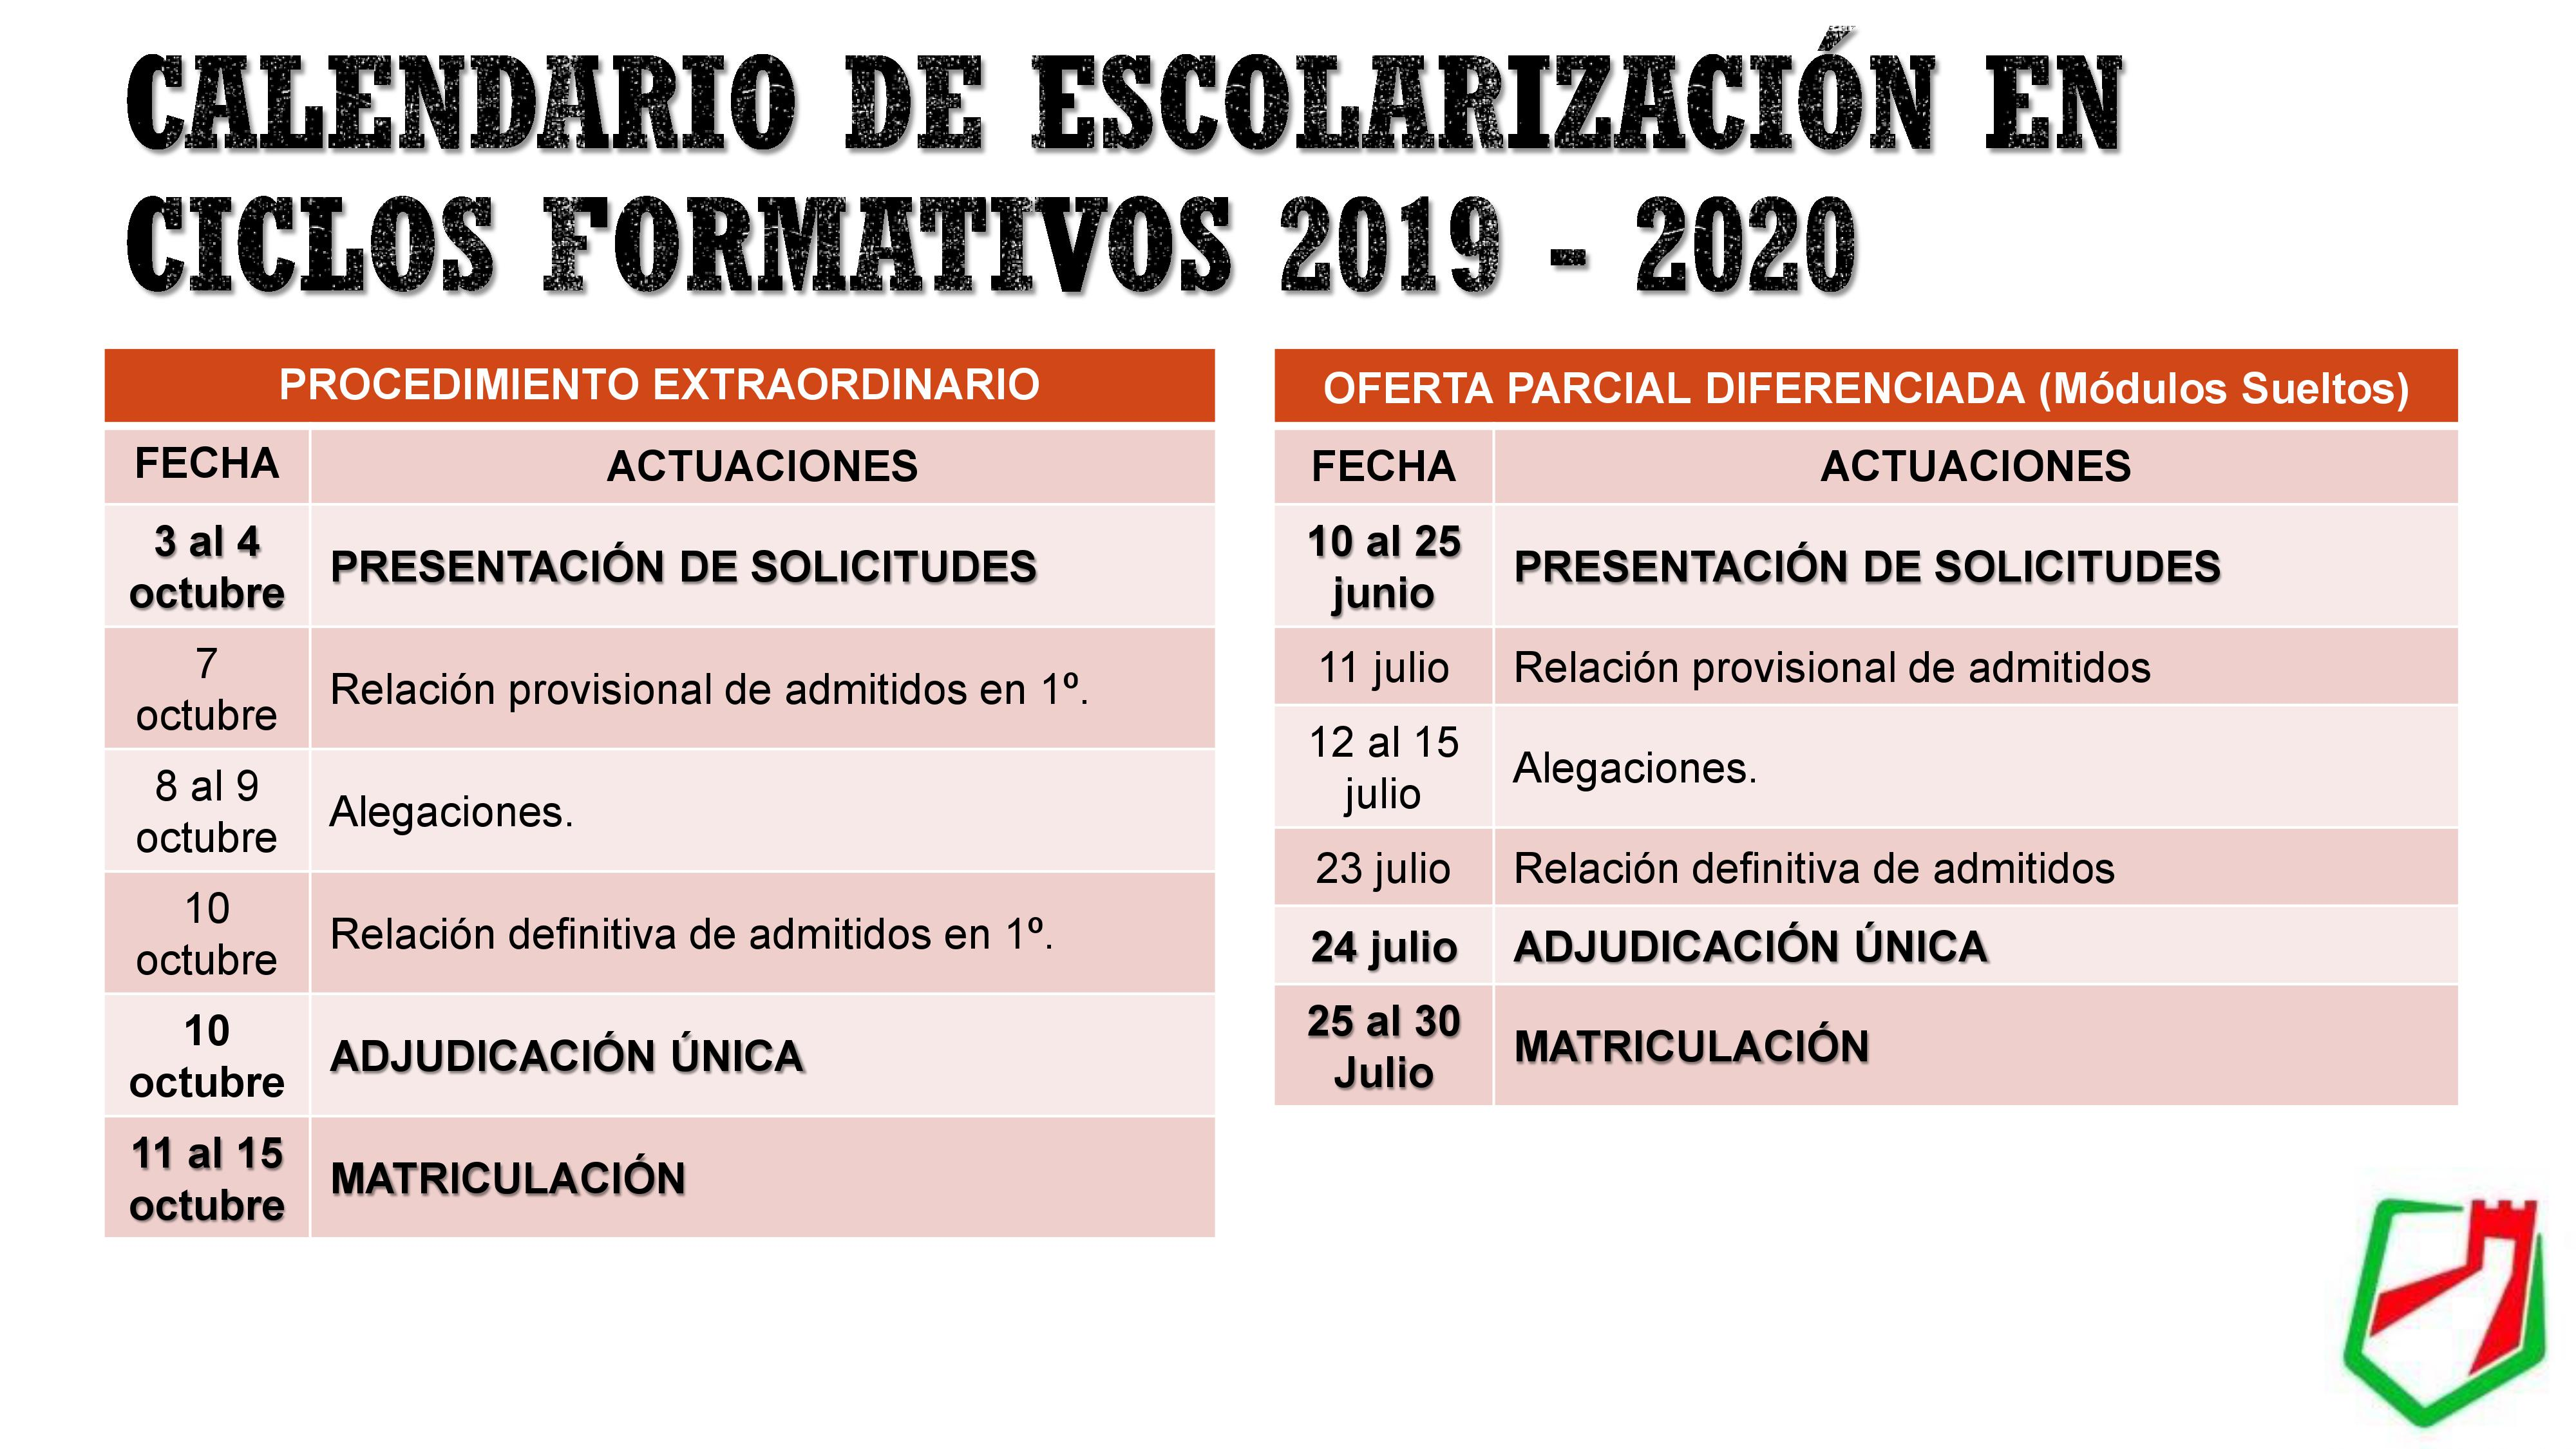 ESCOLARIZACIÓN CICLOS FORMATIVOS 2019 2020